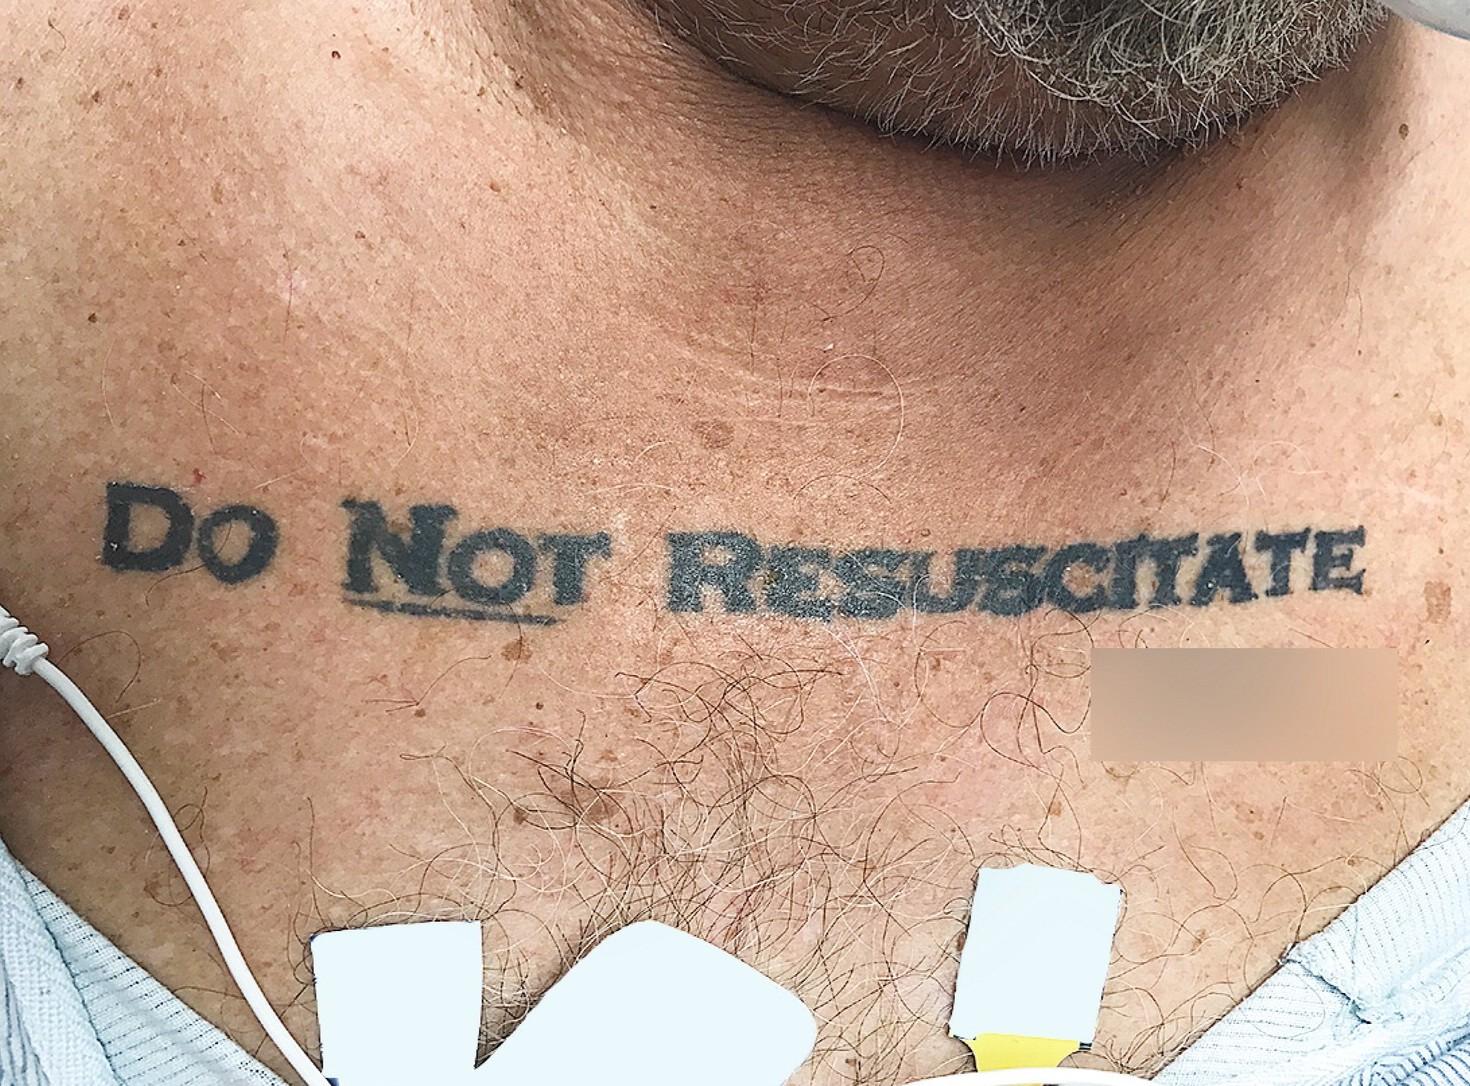 Uomo con tatuaggio non rianimare arriva